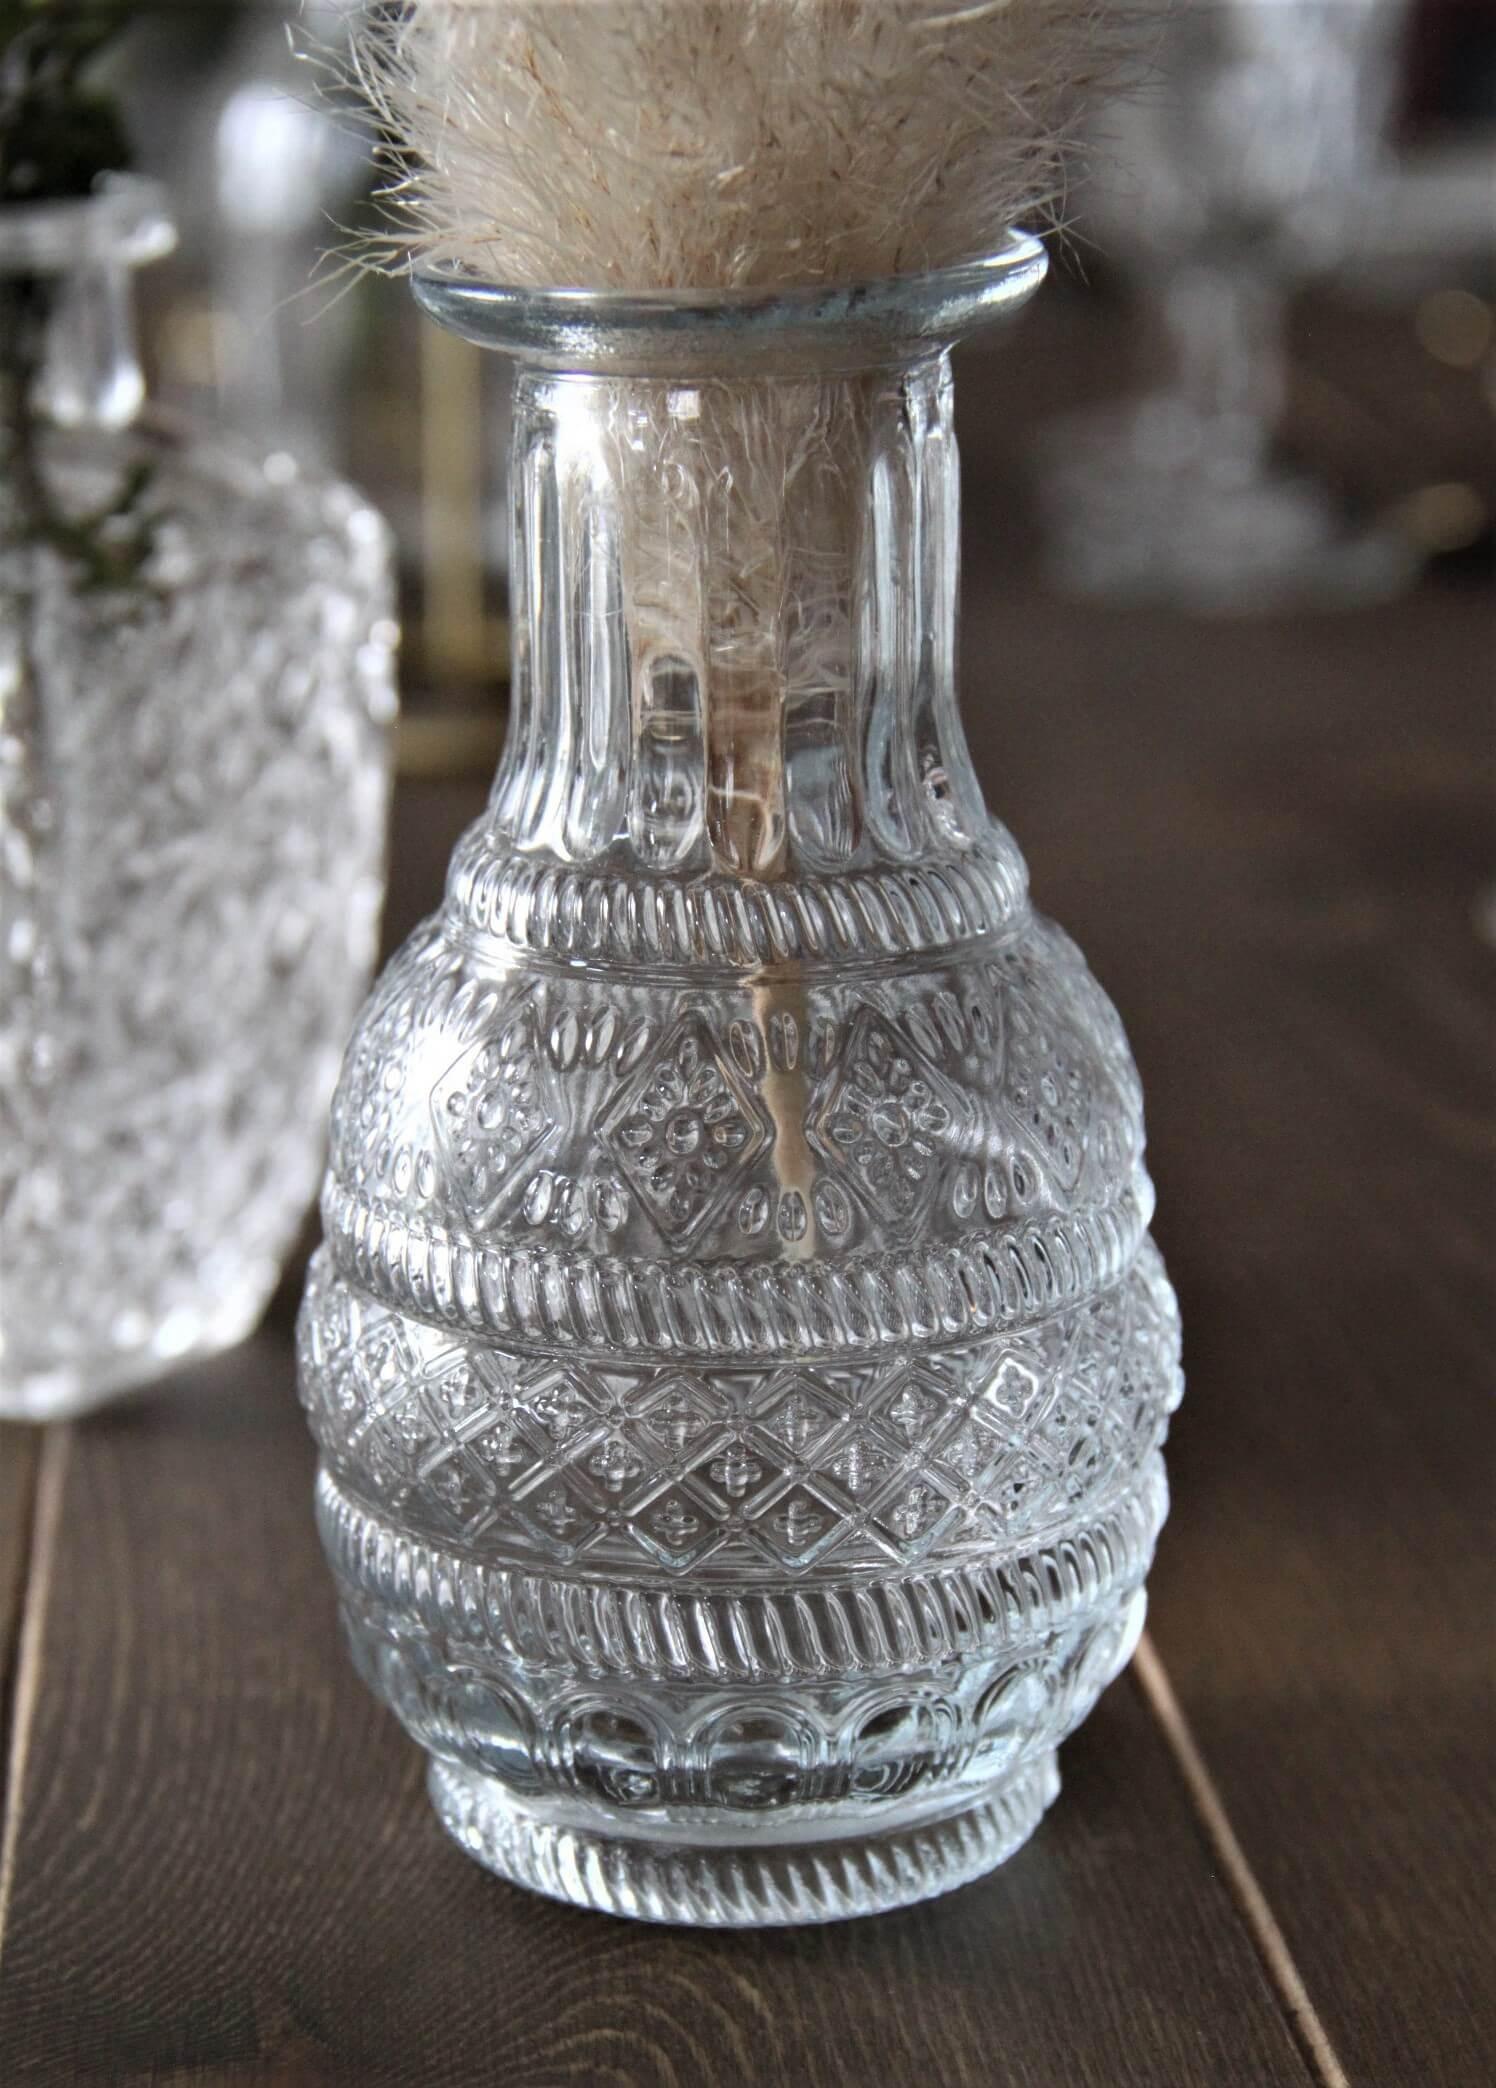 Petit vase vintage 7.5x13cm